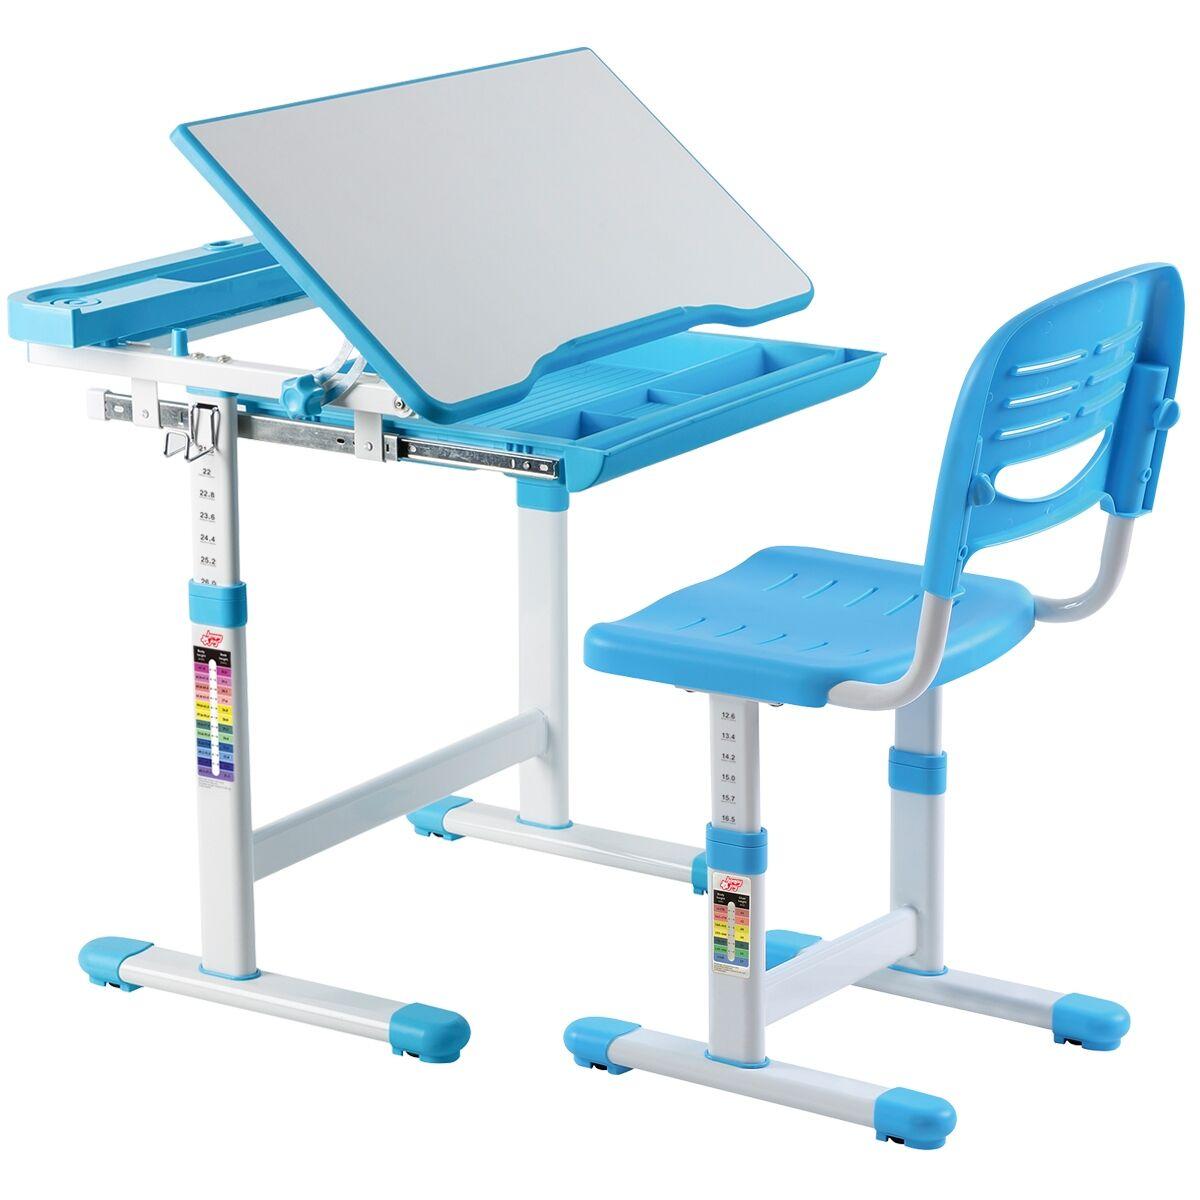 Costway Escritorio para Niños con Silla Mesa de Lectura para Infantil con Cajón Ángulo y Altura Ajustable Azul